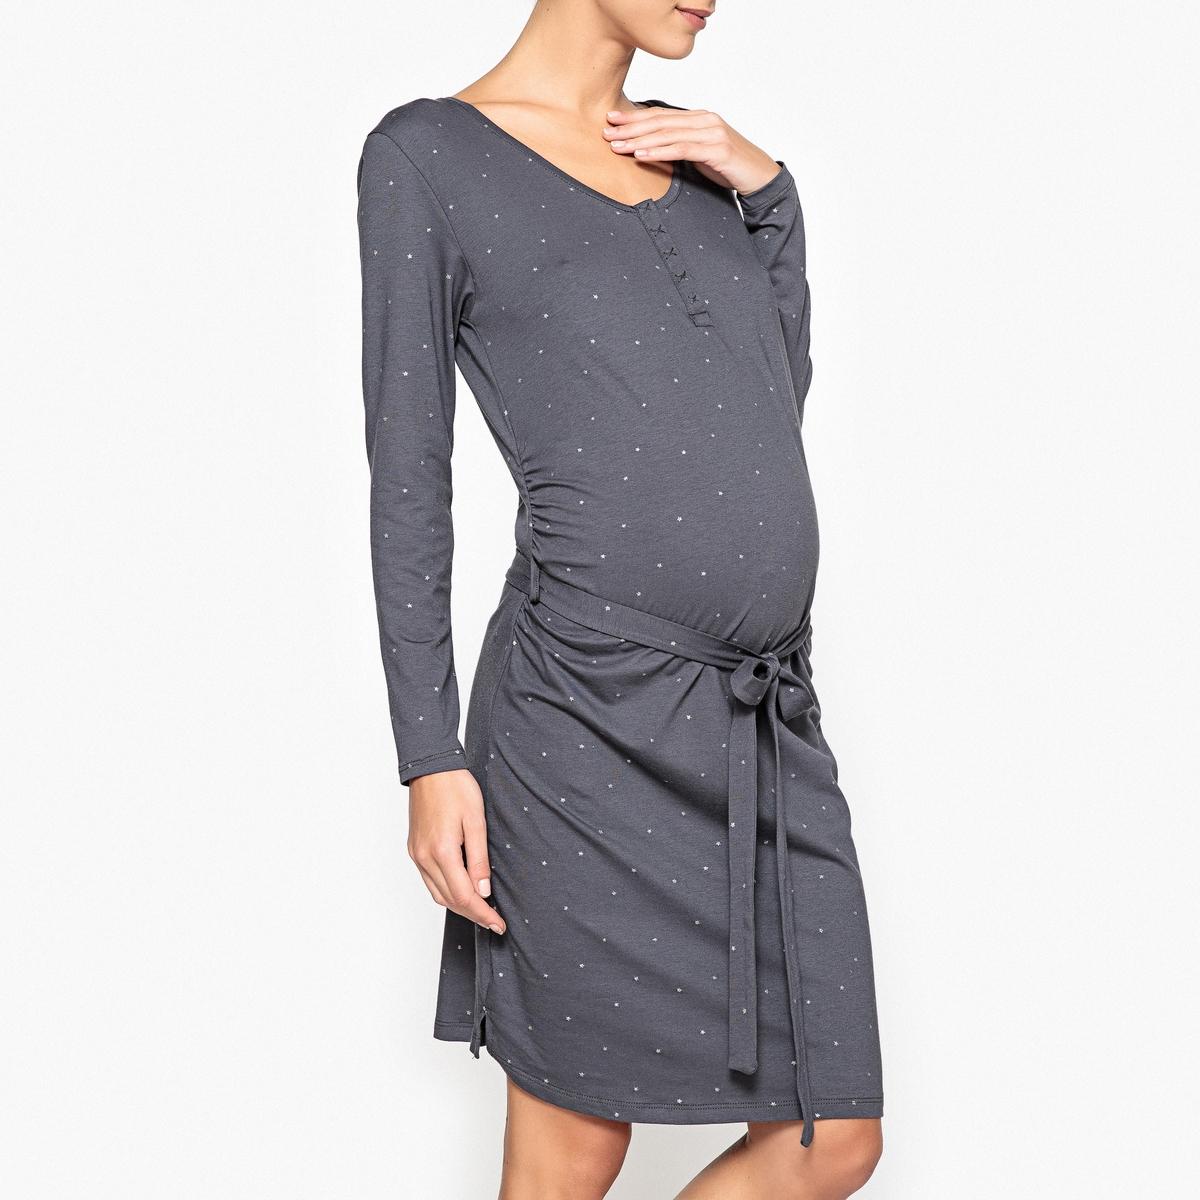 Рубашка ночная для периода беременностиНочная рубашка, разработанная специально для периода беременности, с рисунком в виде россыпи серебристых звезд ! Состав и описаниеНочная рубашка из джерси с рисунком в виде мелких серебристых звезд. Специально для периода беременности и грудного вскармливания. Планка застежки на кнопки облегчает кормление.Длинные рукава. Пояс с завязками под животом. Материал : 95% хлопка, 5% эластана.Уход :  Стирать при температуре 30° со схожими цветами.Стирать, сушить и гладить с изнаночной стороны.<br><br>Цвет: антрацит<br>Размер: 34/36 (FR) - 40/42 (RUS)